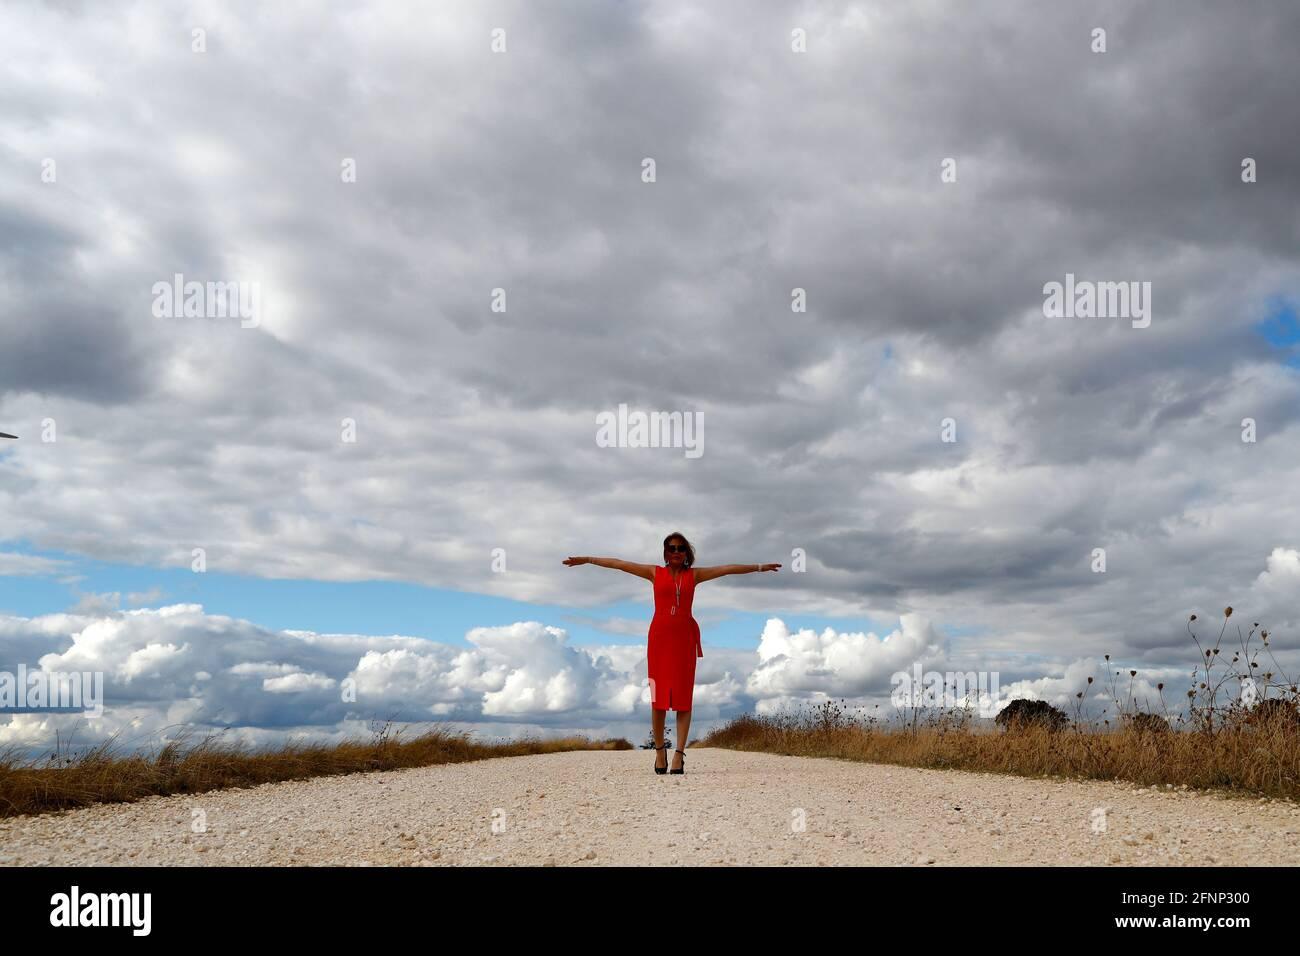 Mujer caminando sola por carretera recta. Cielo nublado. Francia. Foto de stock